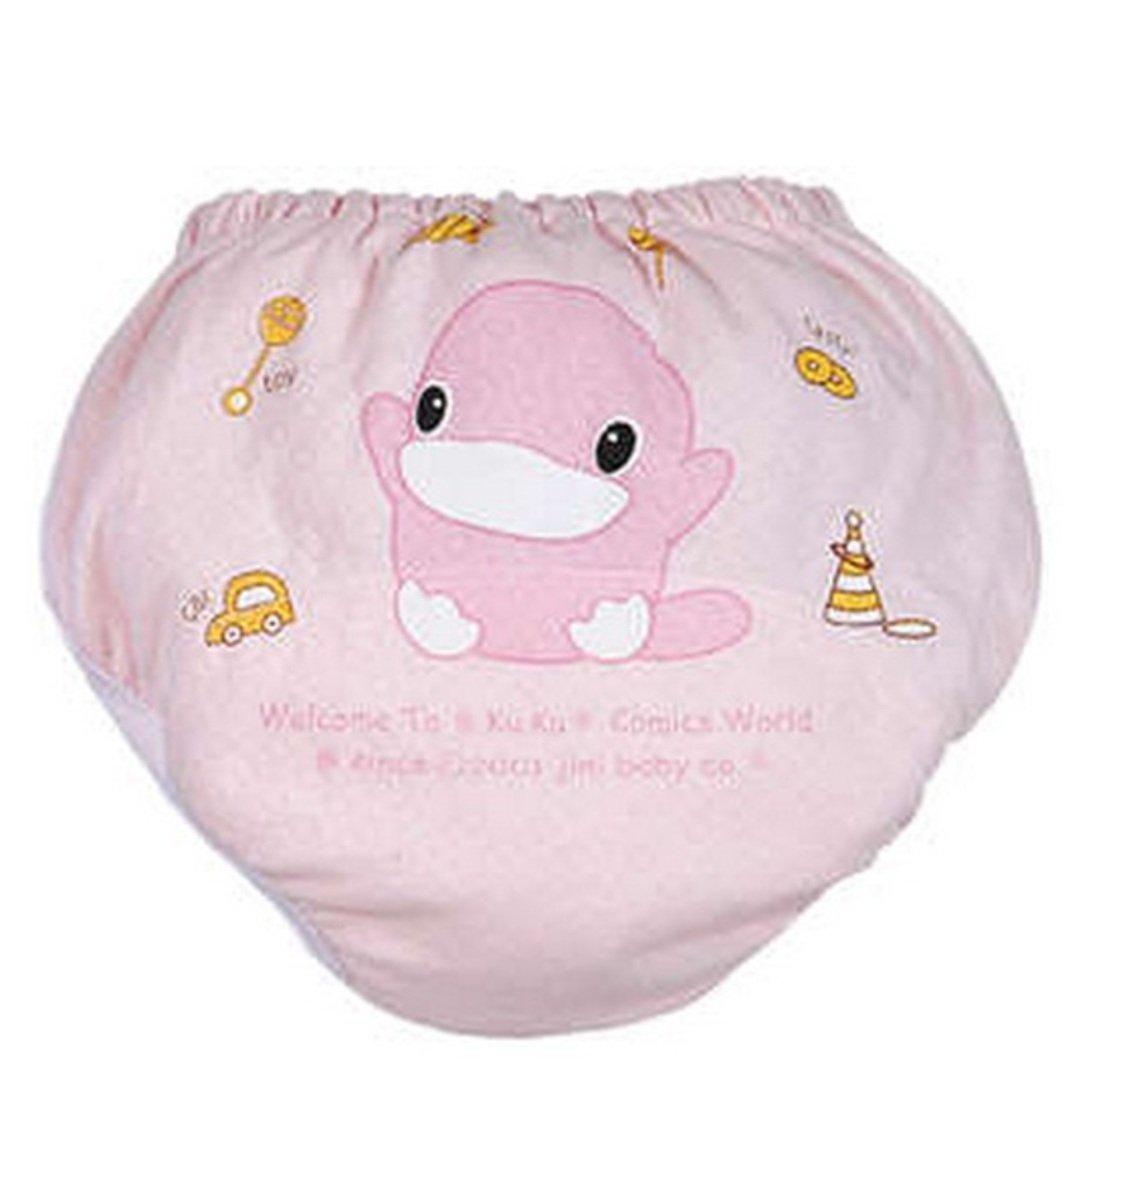 寶寶薄練習褲 (粉紅色) - 大碼